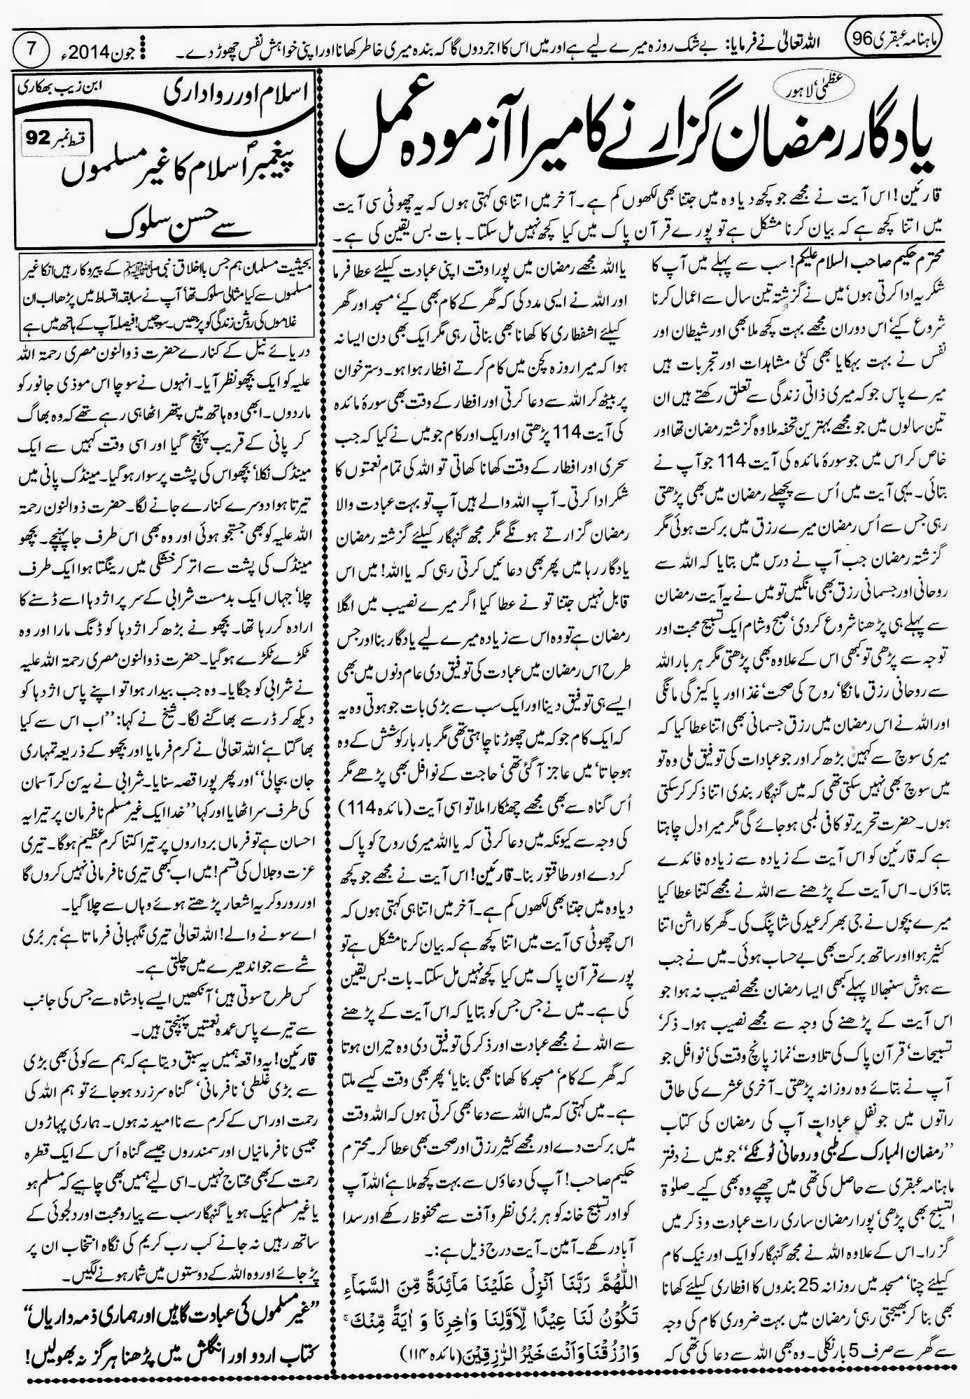 ubqari june 2014 page 7